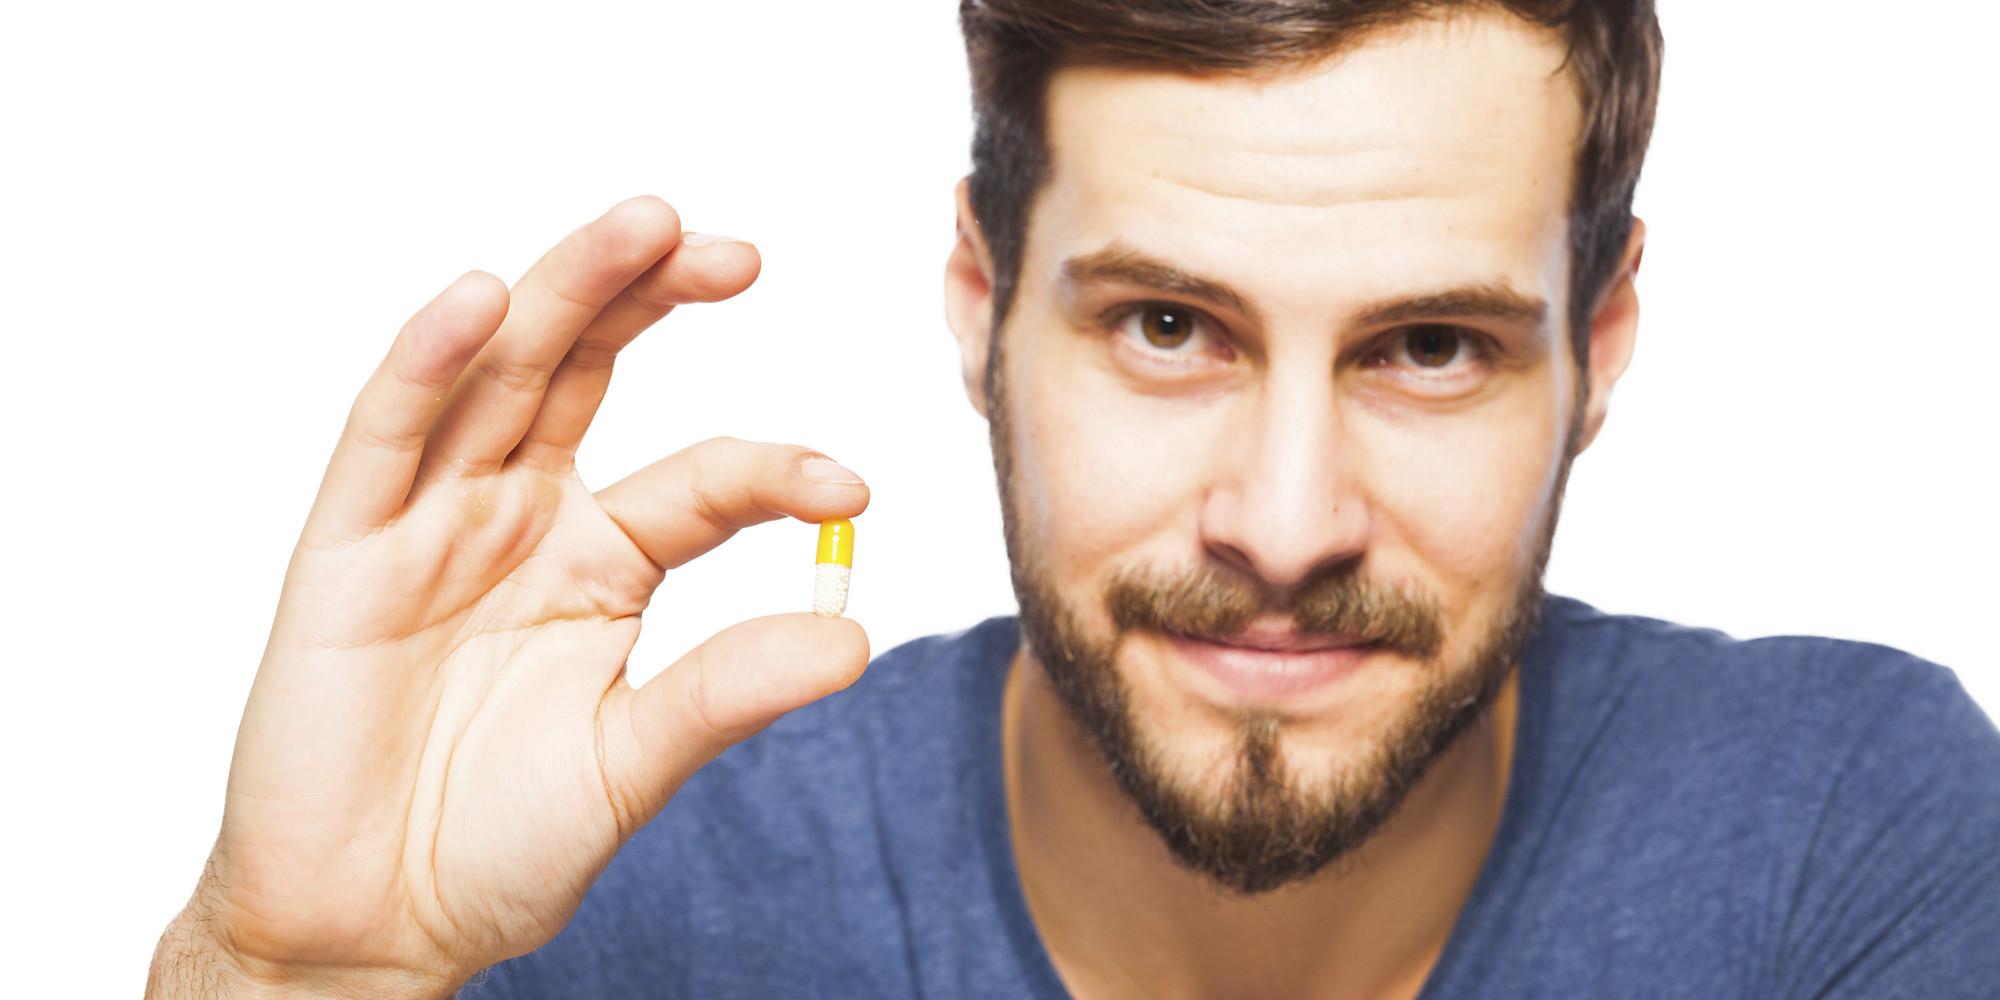 Подбирать витамины важно, учитывая возраст, а также особенности организма